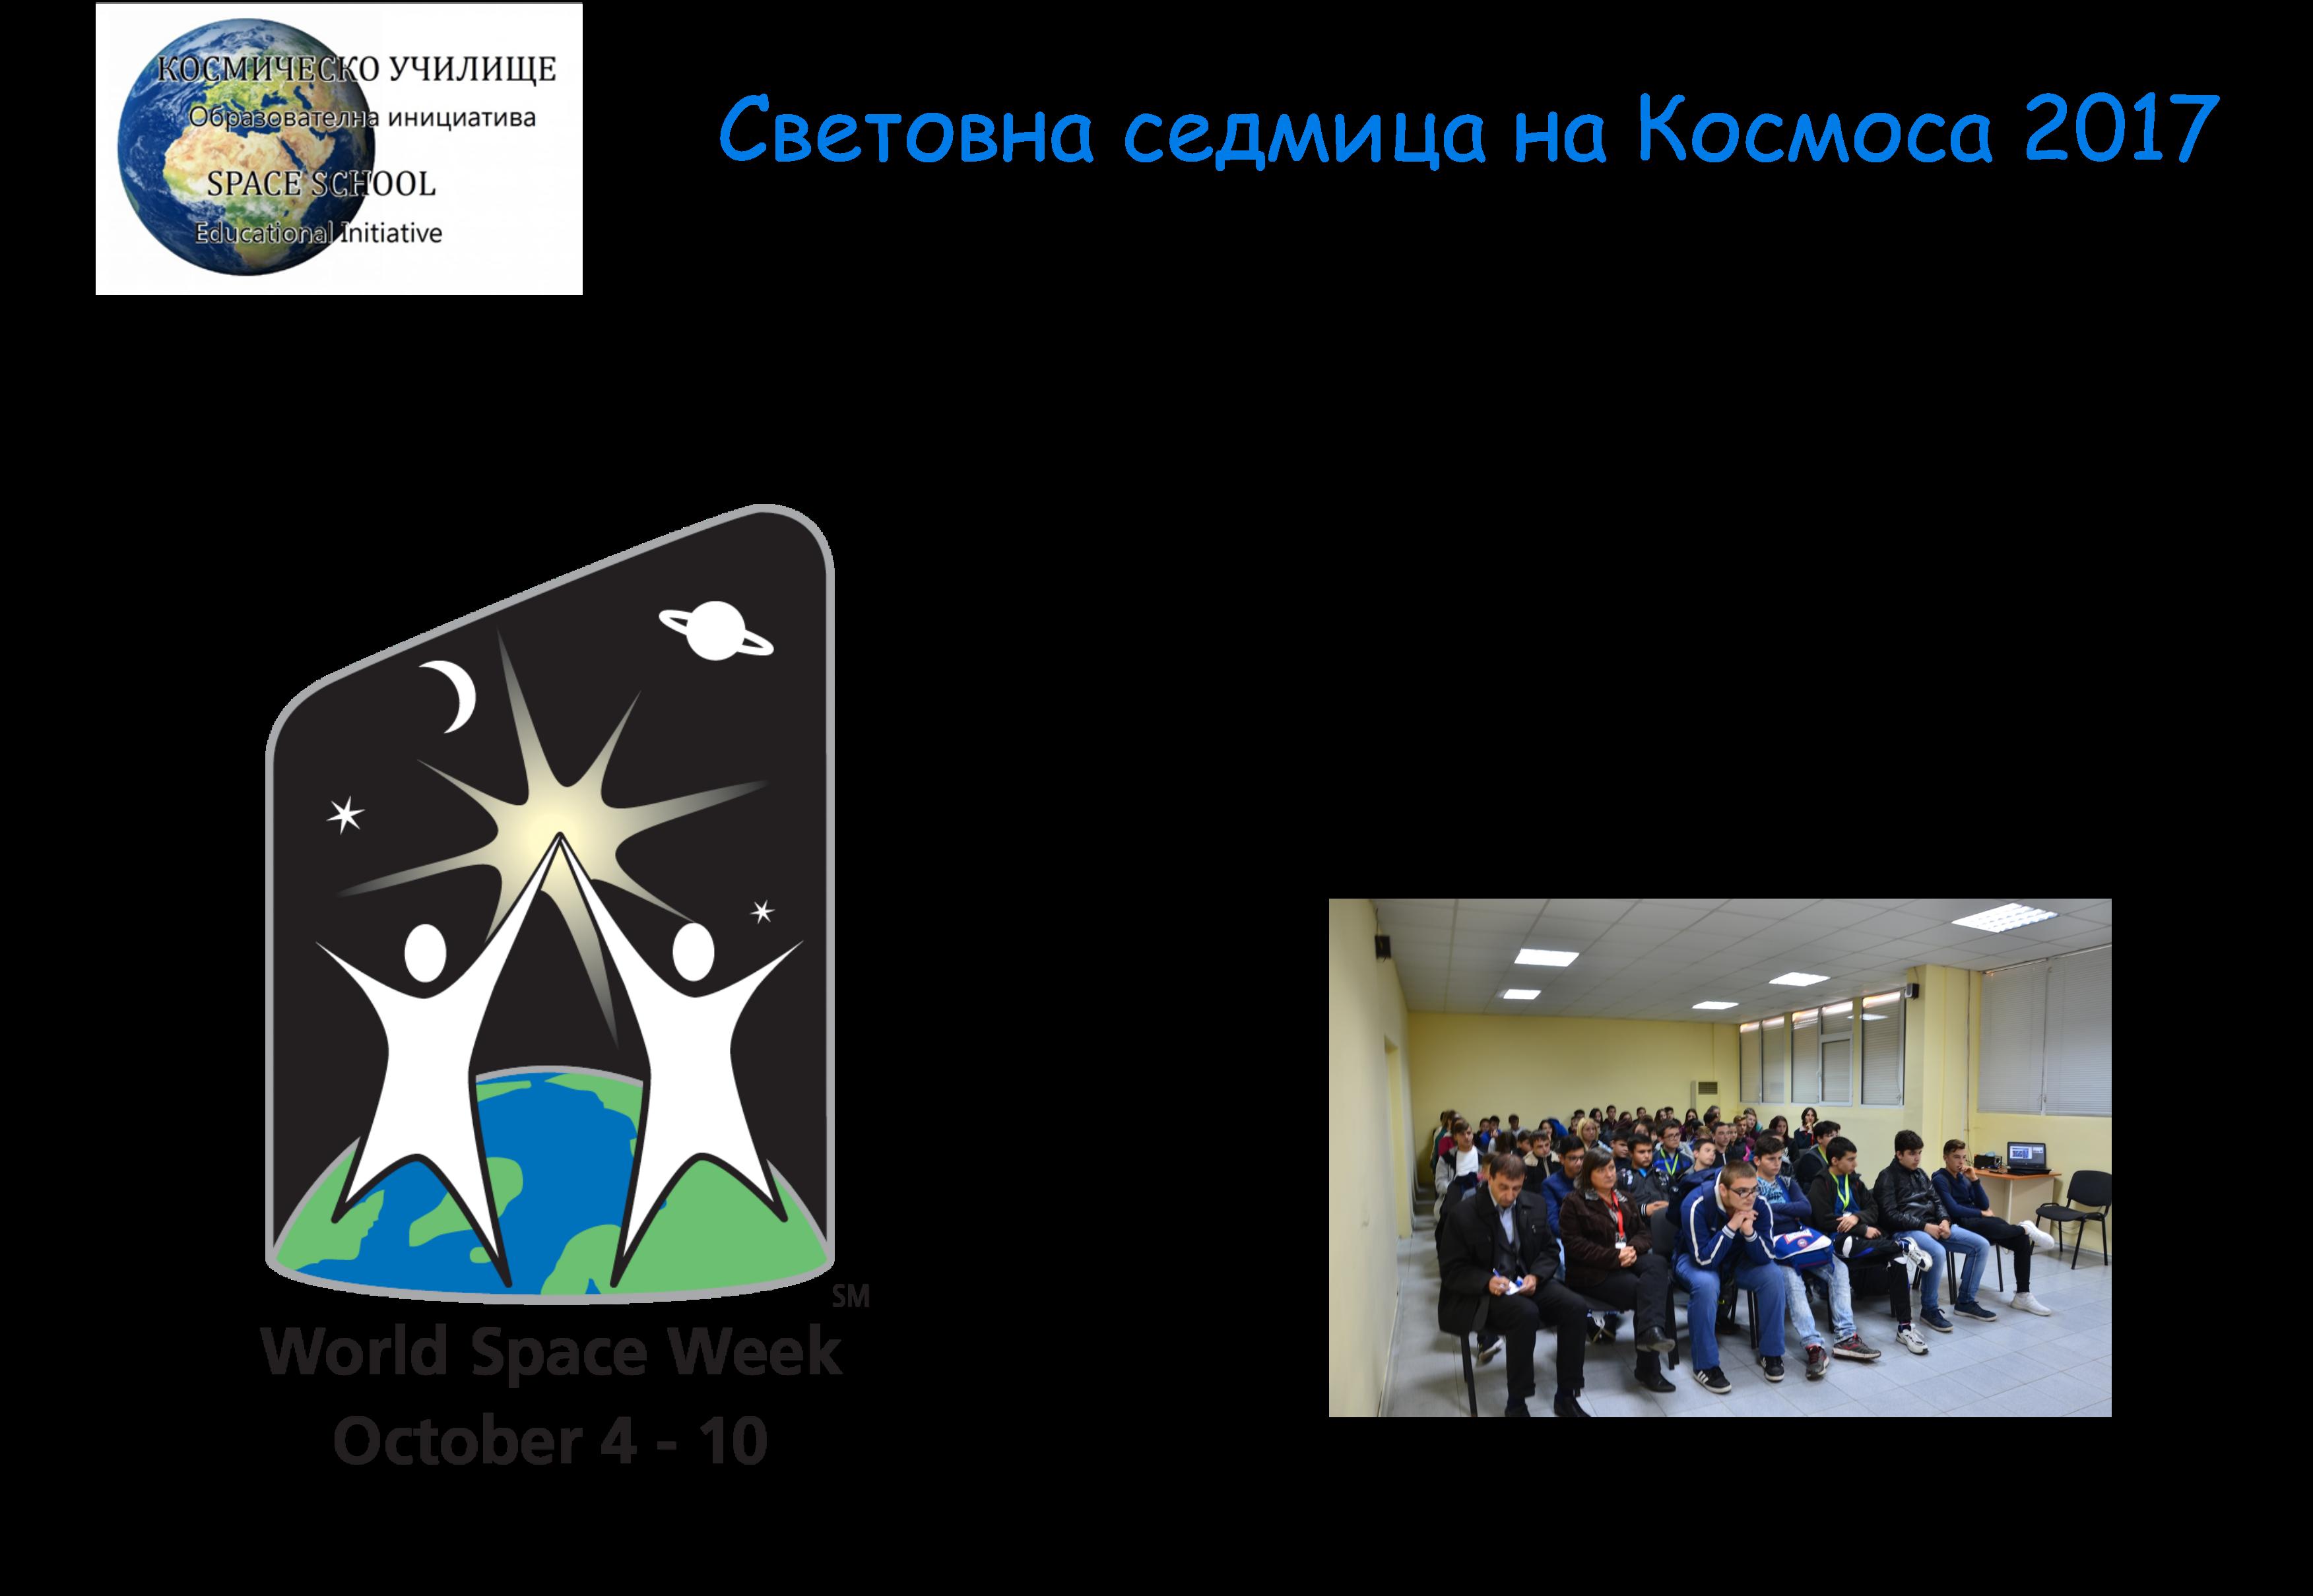 Permalink to:Световна седмица на Космоса 2017 – гр. Видин